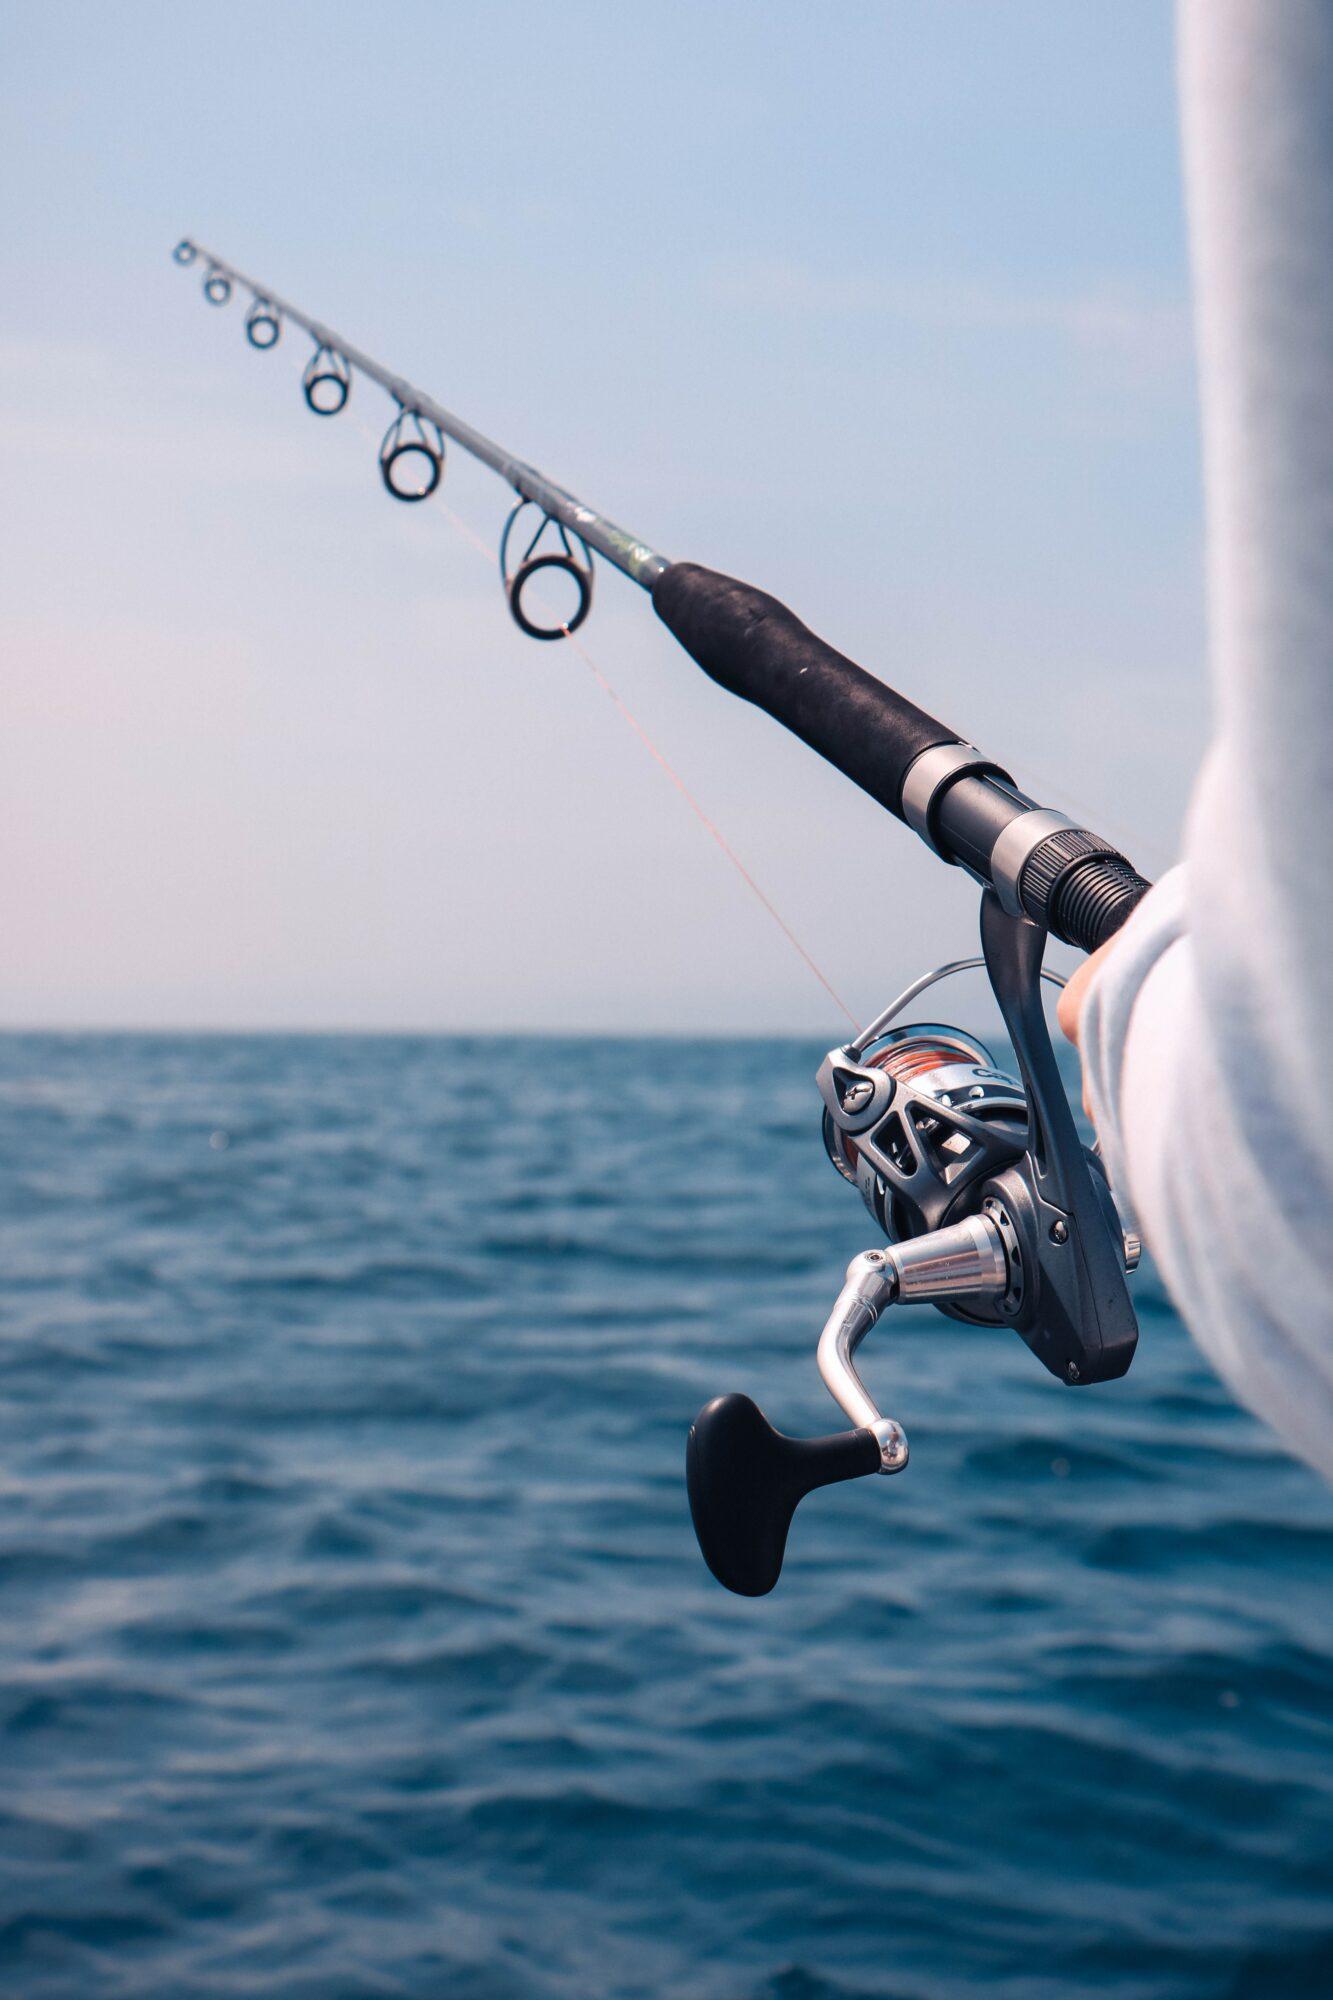 Fiskestænger tilbud – spar penge på dit fiskeudstyr